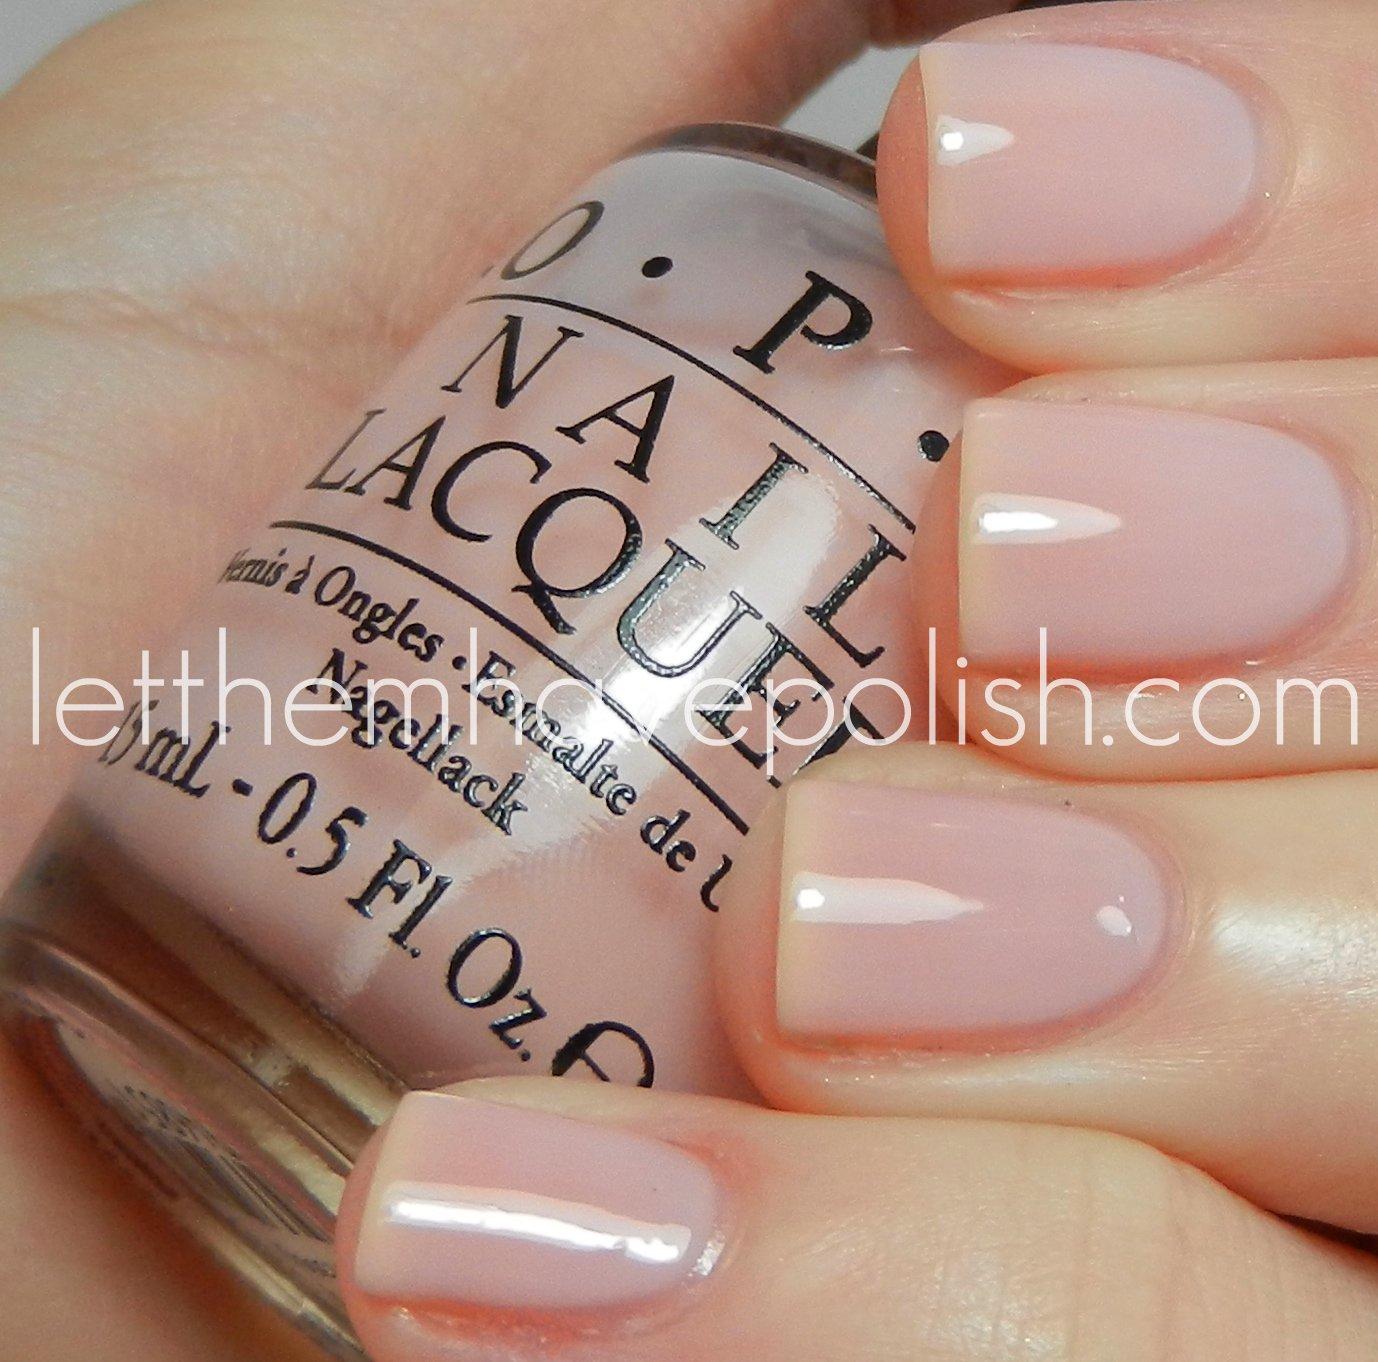 Sheer Pink Opi Nail Polish: O.P.I New York City Ballet Soft Shades For Spring 2012